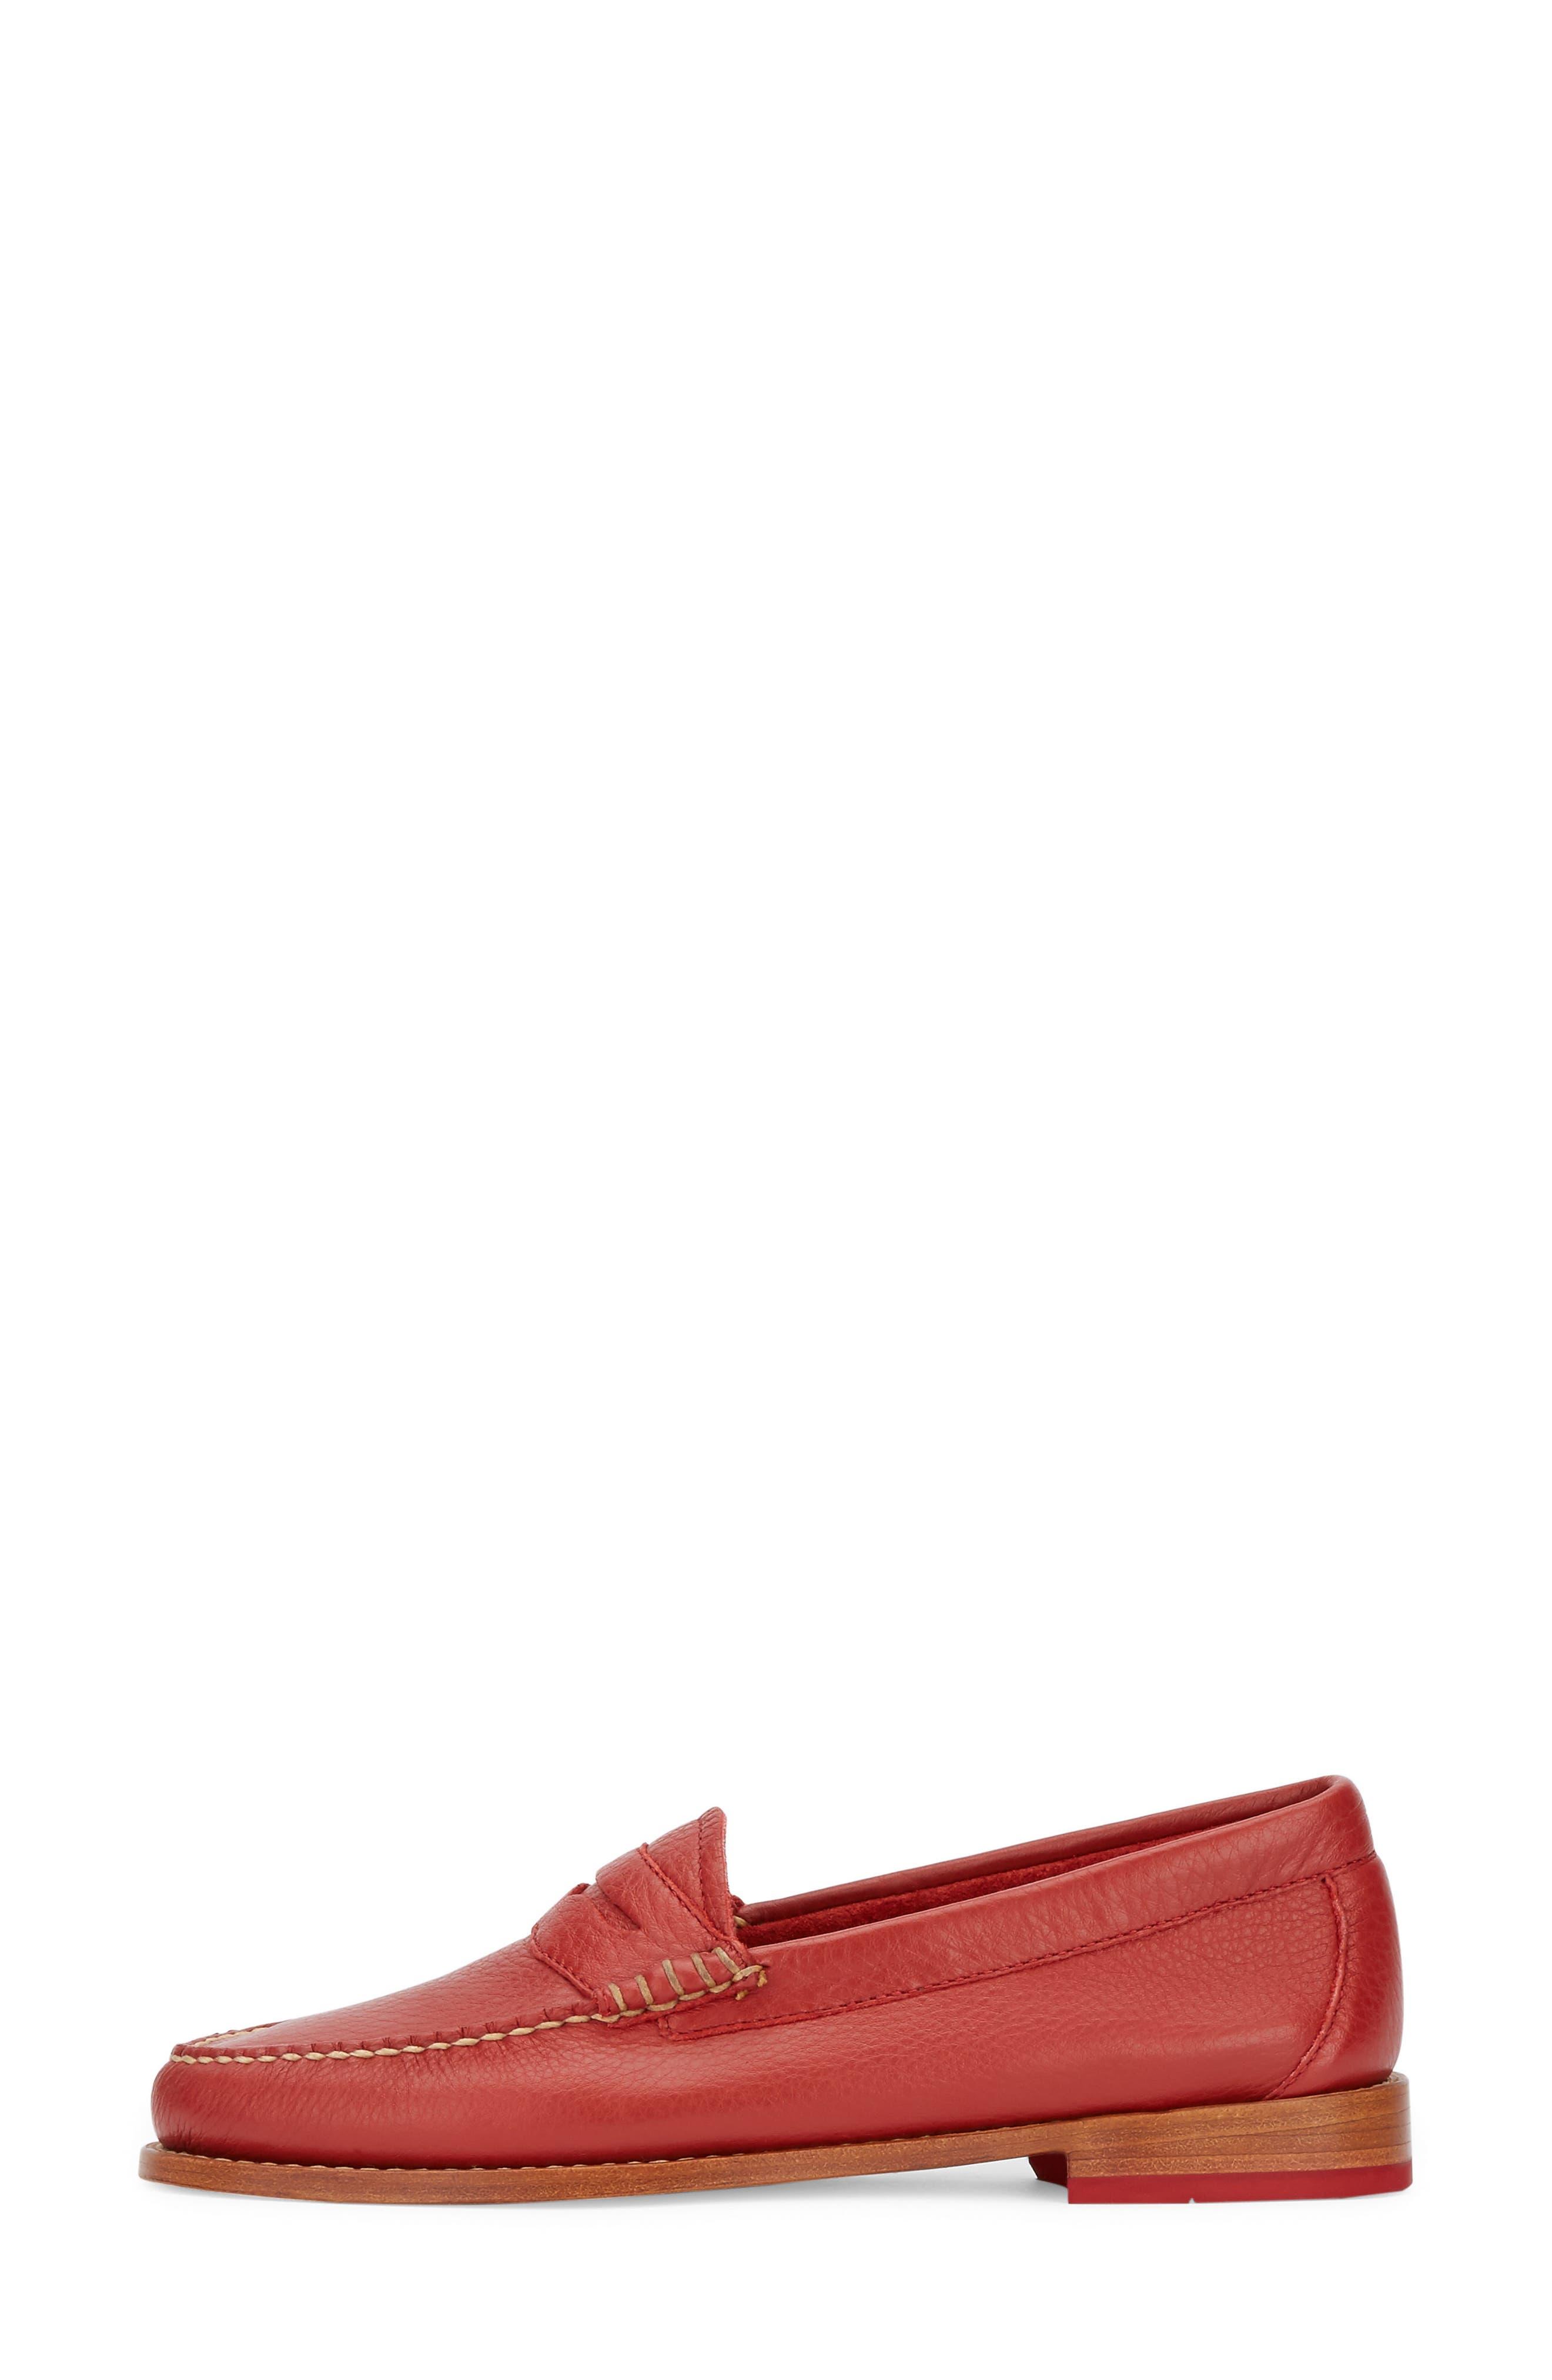 Alternate Image 3  - G.H. Bass & Co. 'Whitney' Loafer (Women)